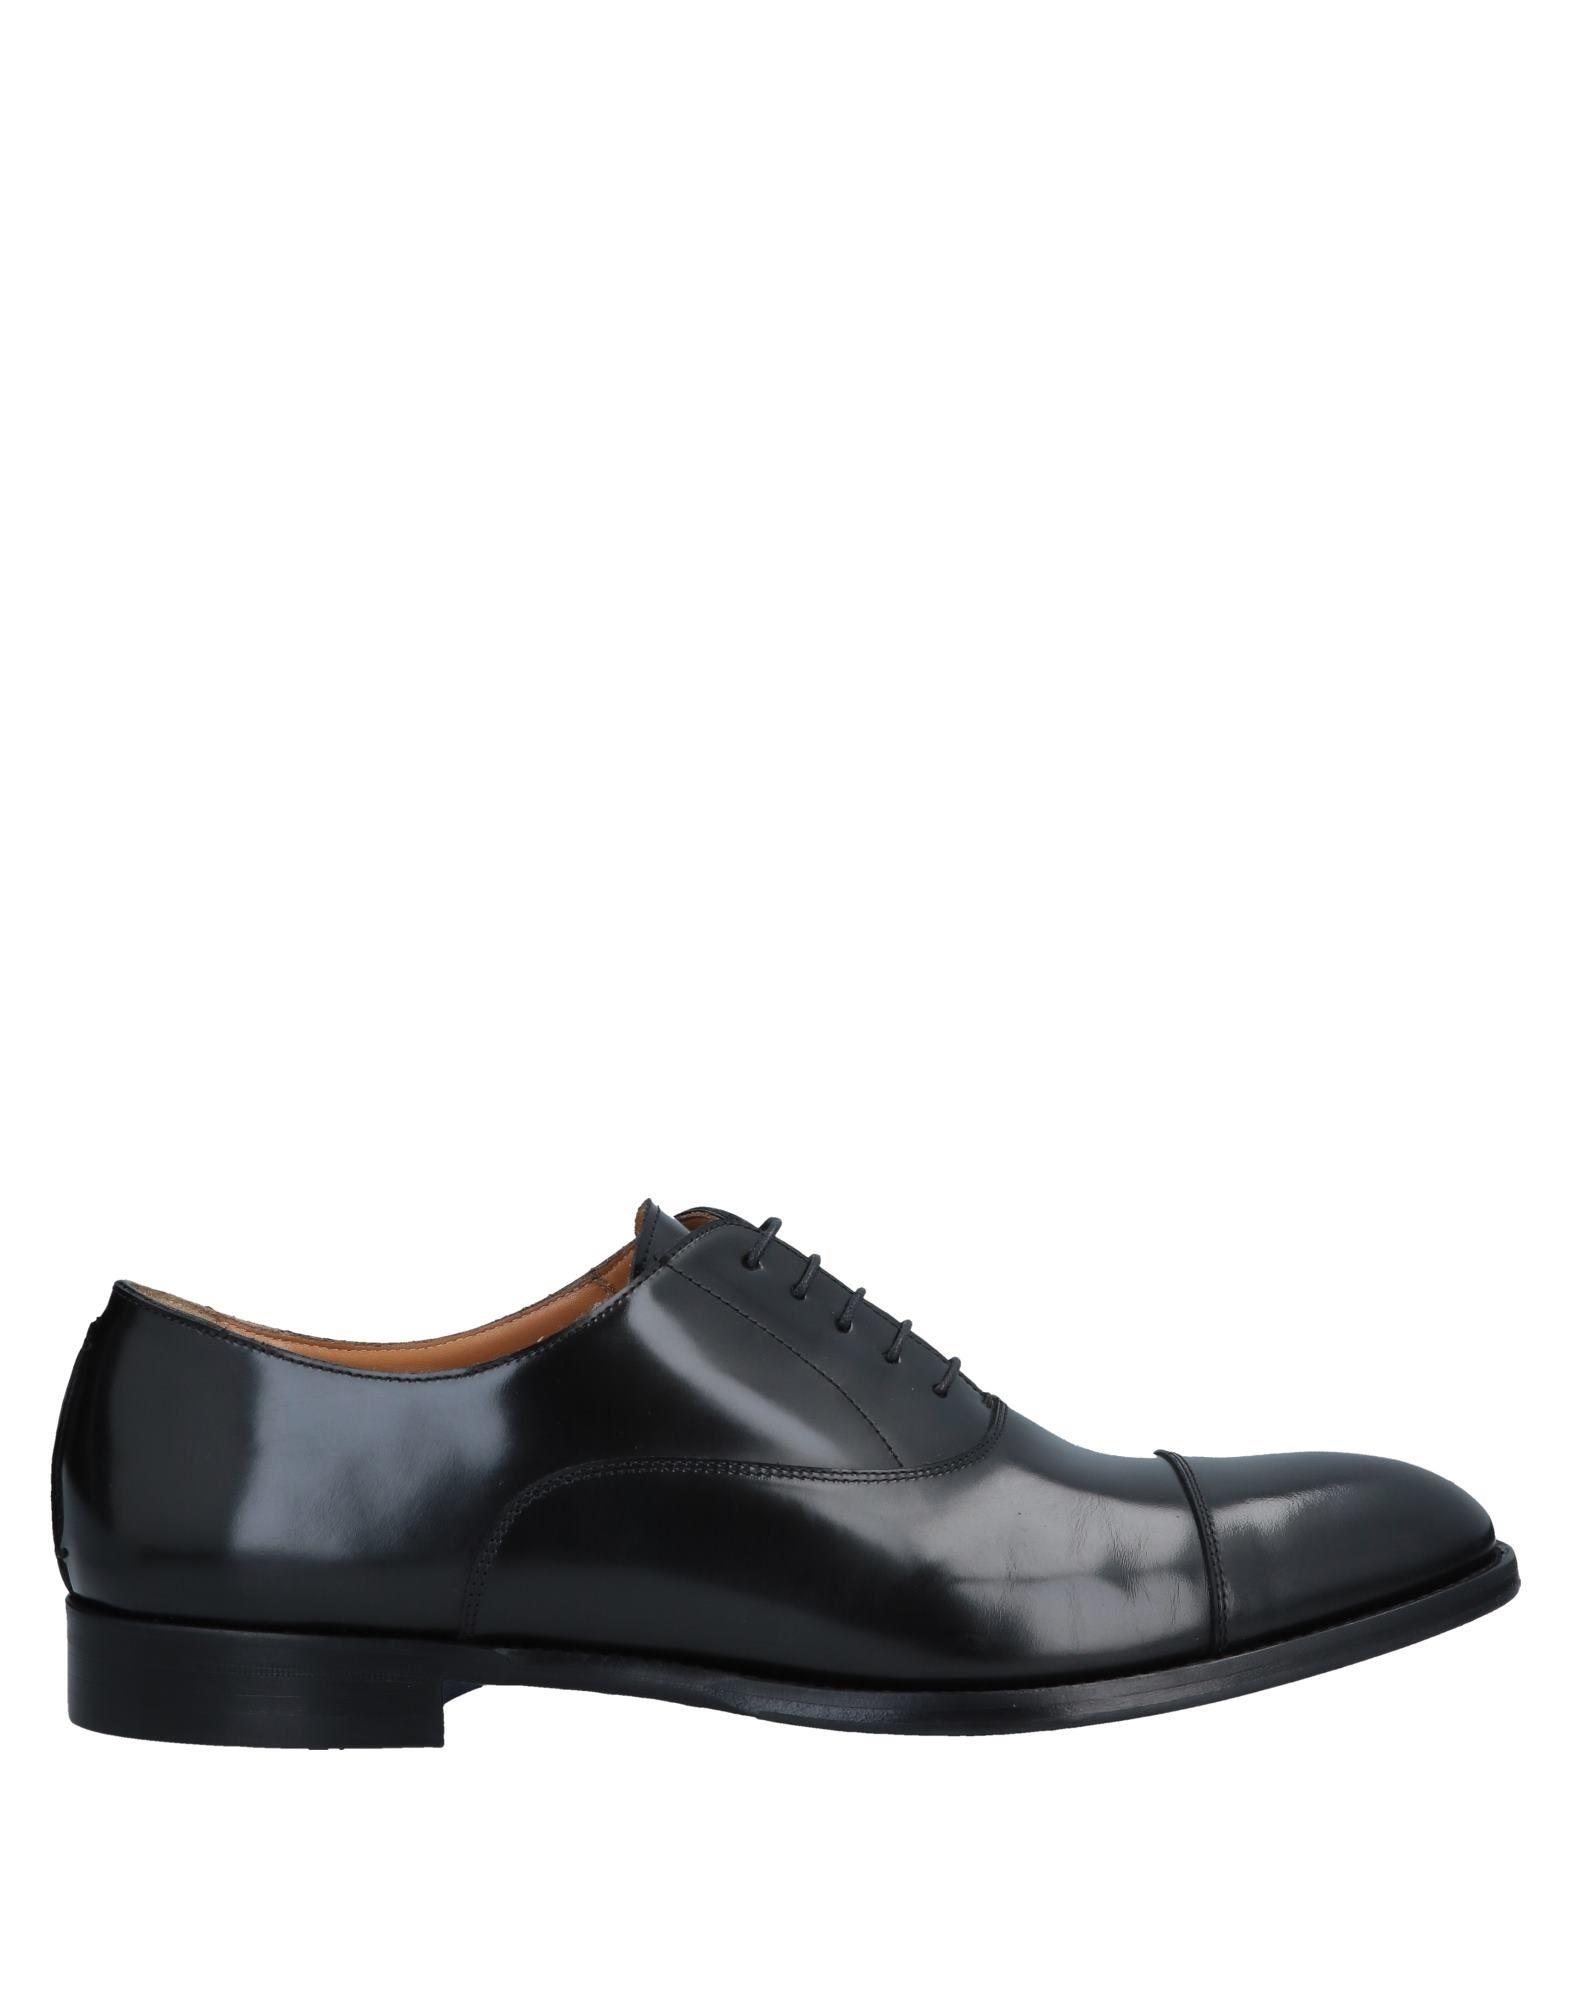 SUTOR MANTELLASSI Обувь на шнурках цены онлайн